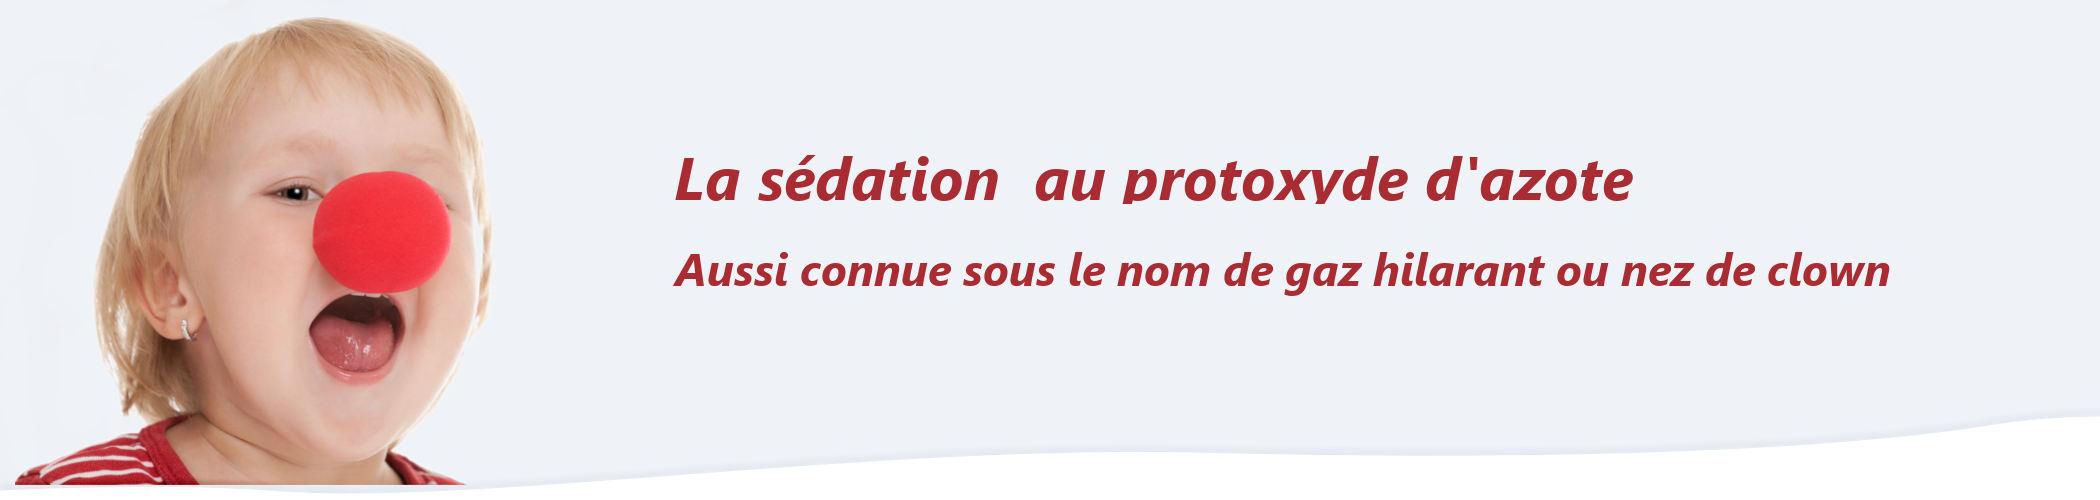 Sédation au protoxyde d'azote